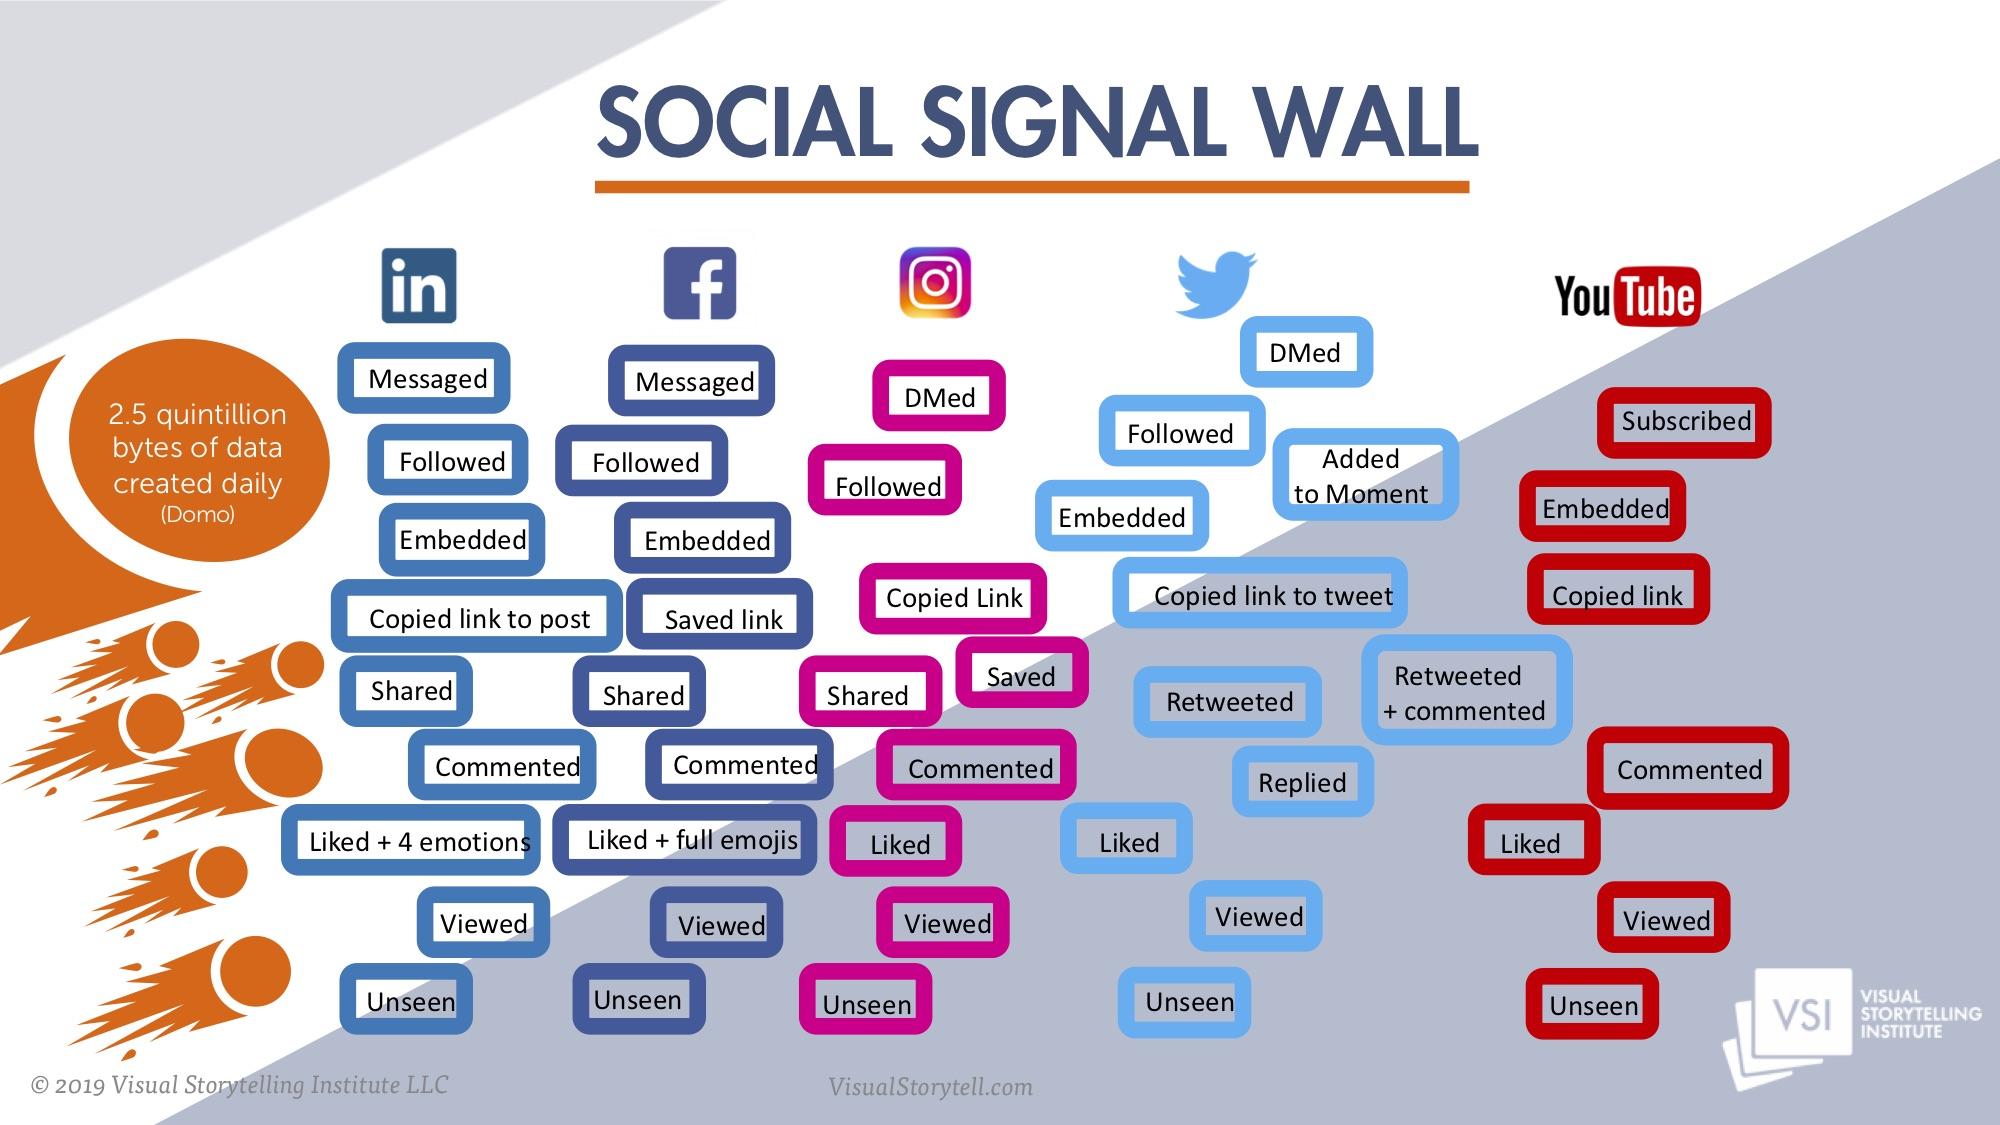 Social Signal Wall